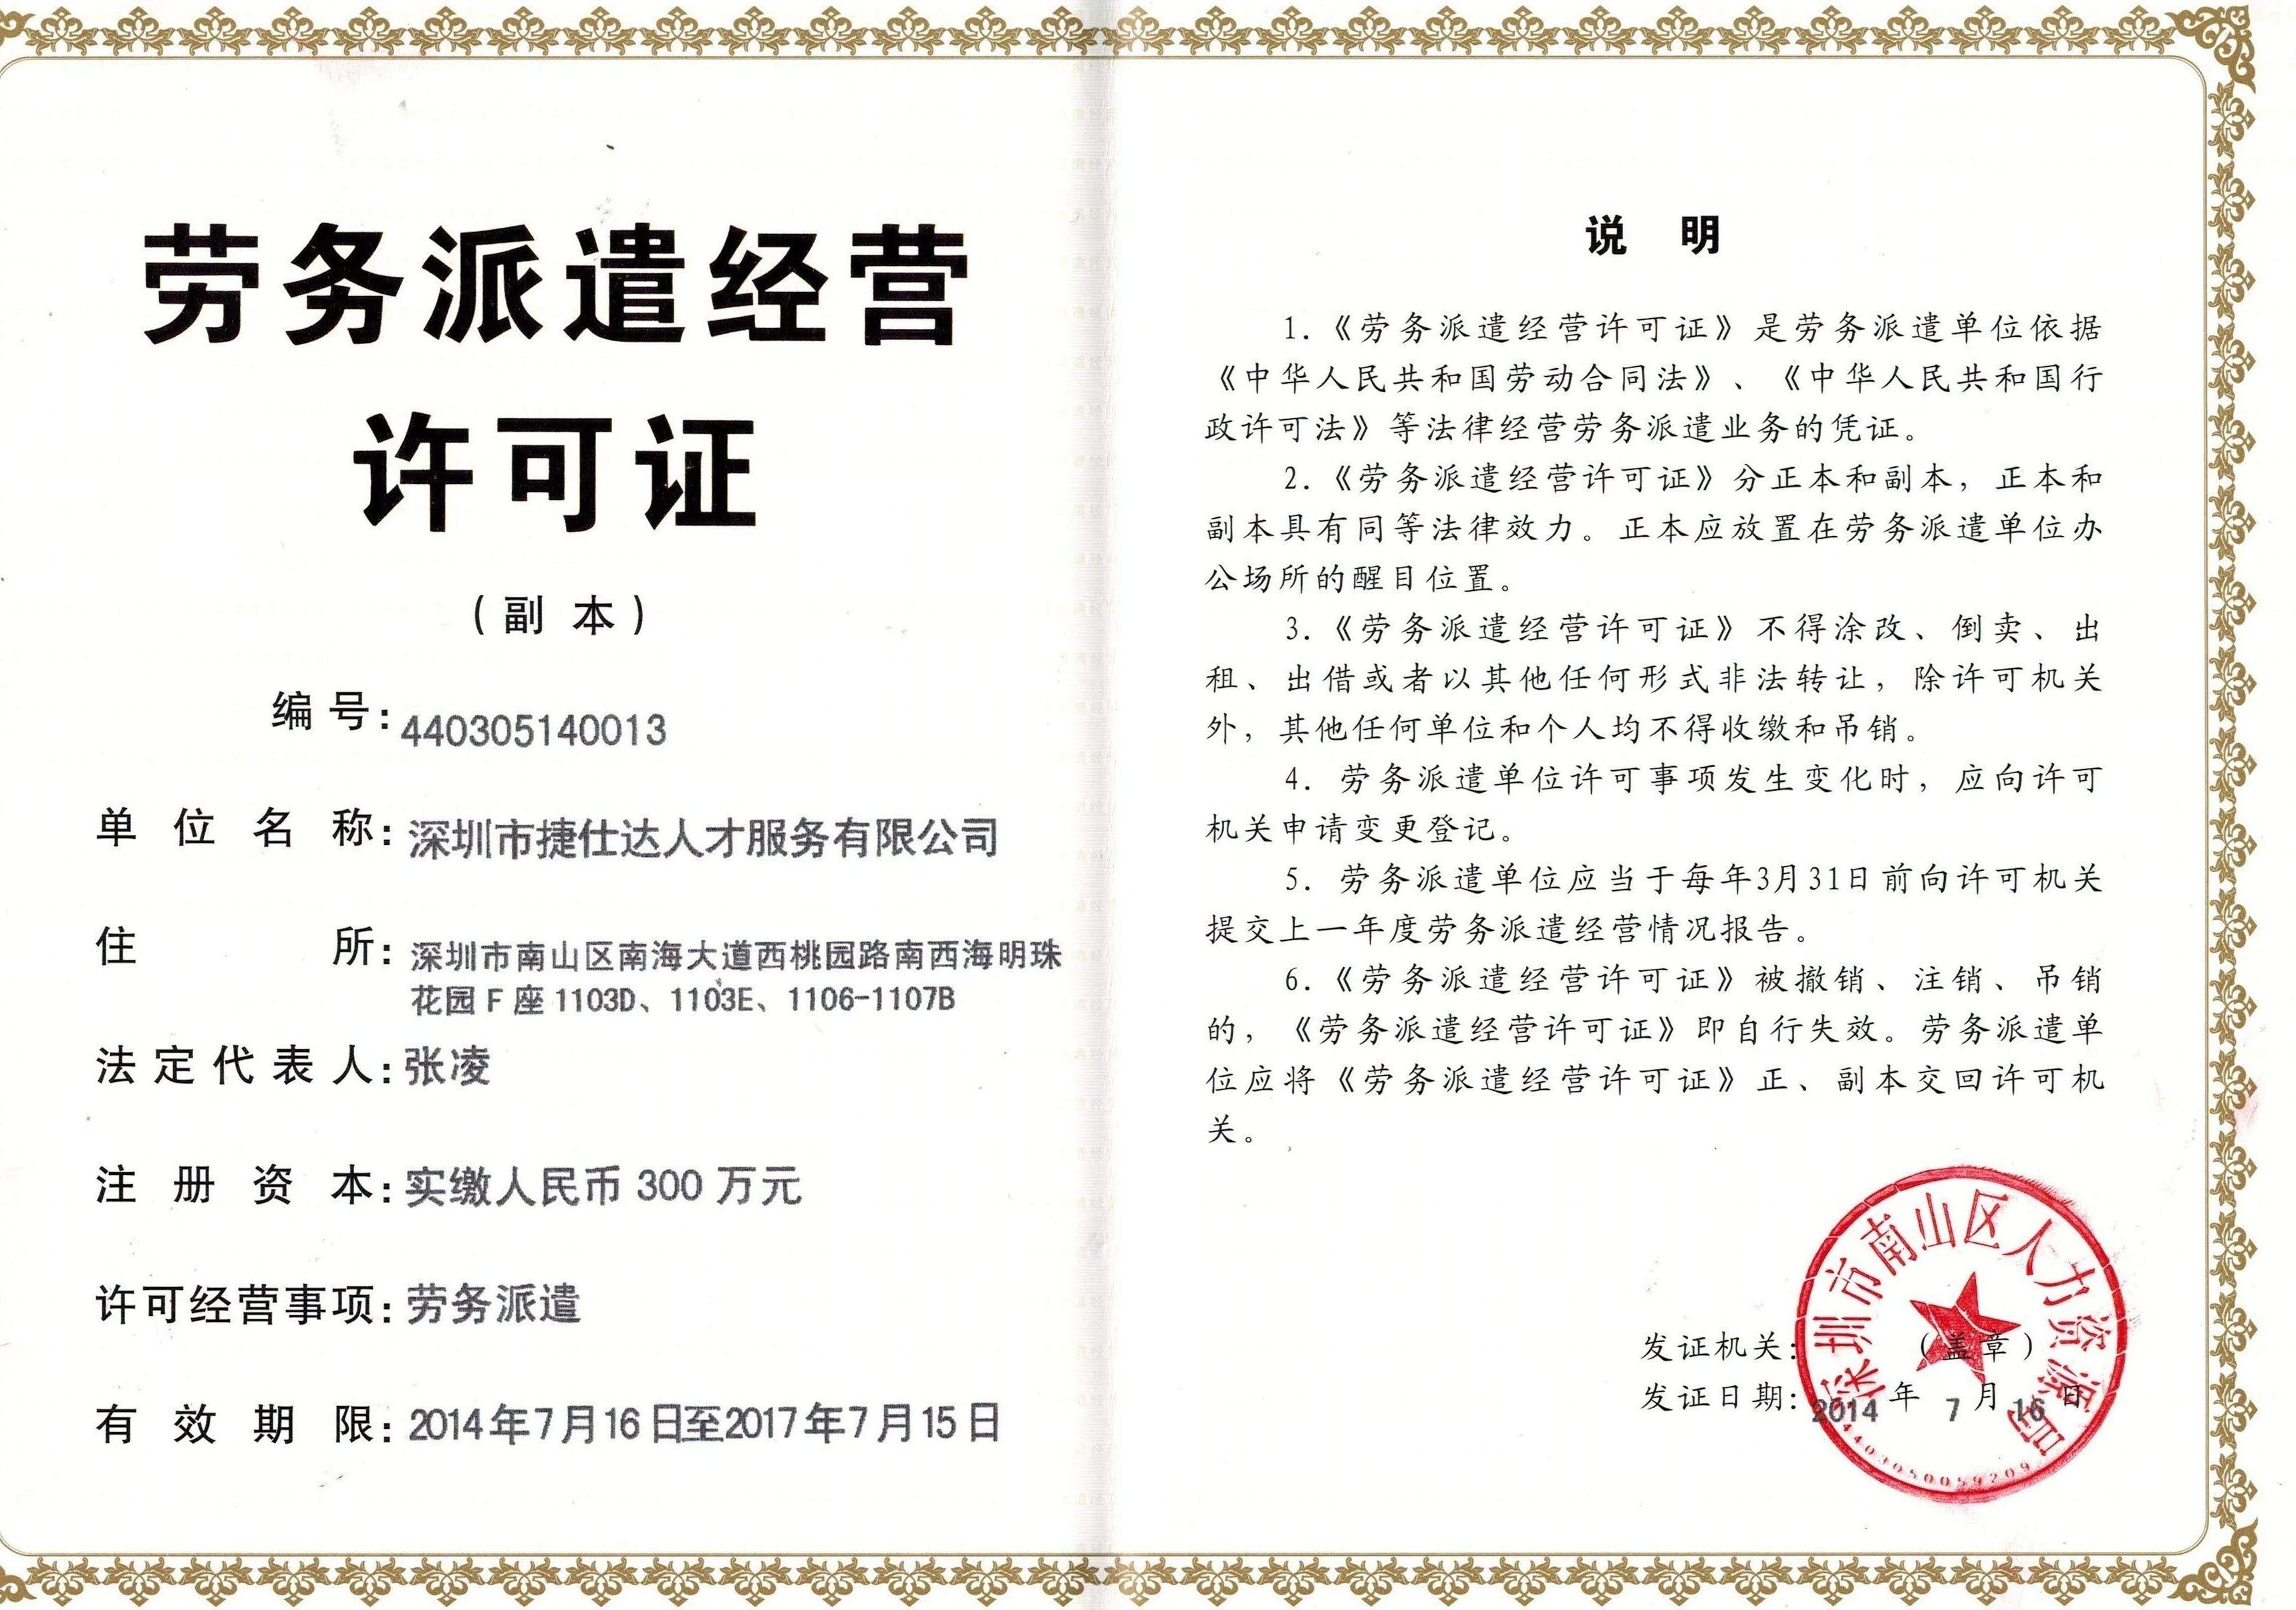 广东省劳务派遣许可证